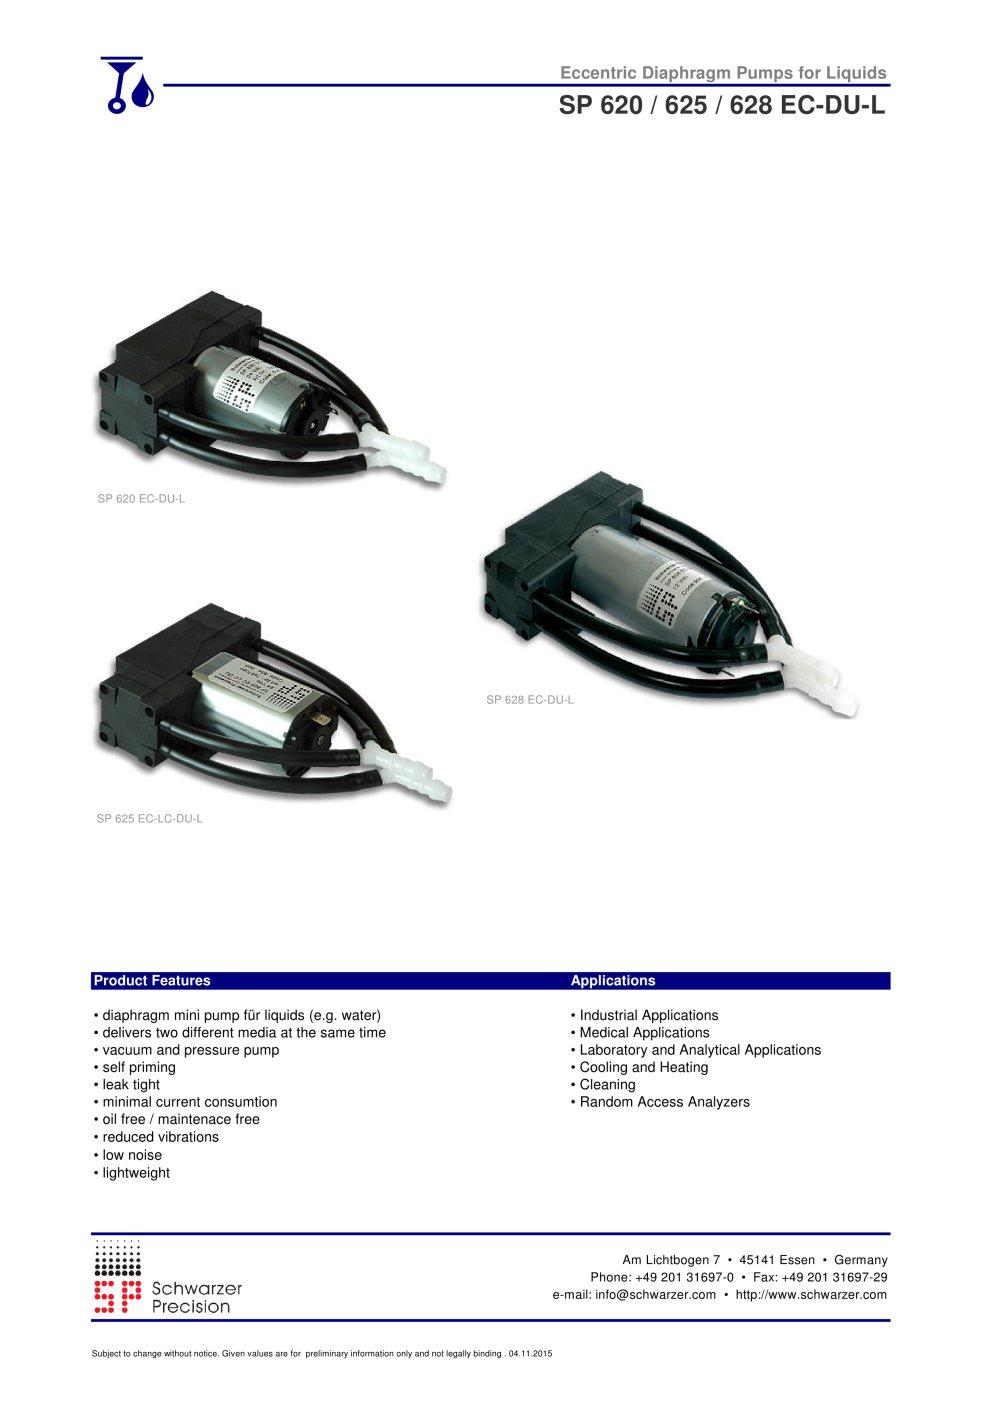 625 ec lc du l schwarzer precision pdf catalogue technical 625 ec lc du l 1 3 pages ccuart Image collections